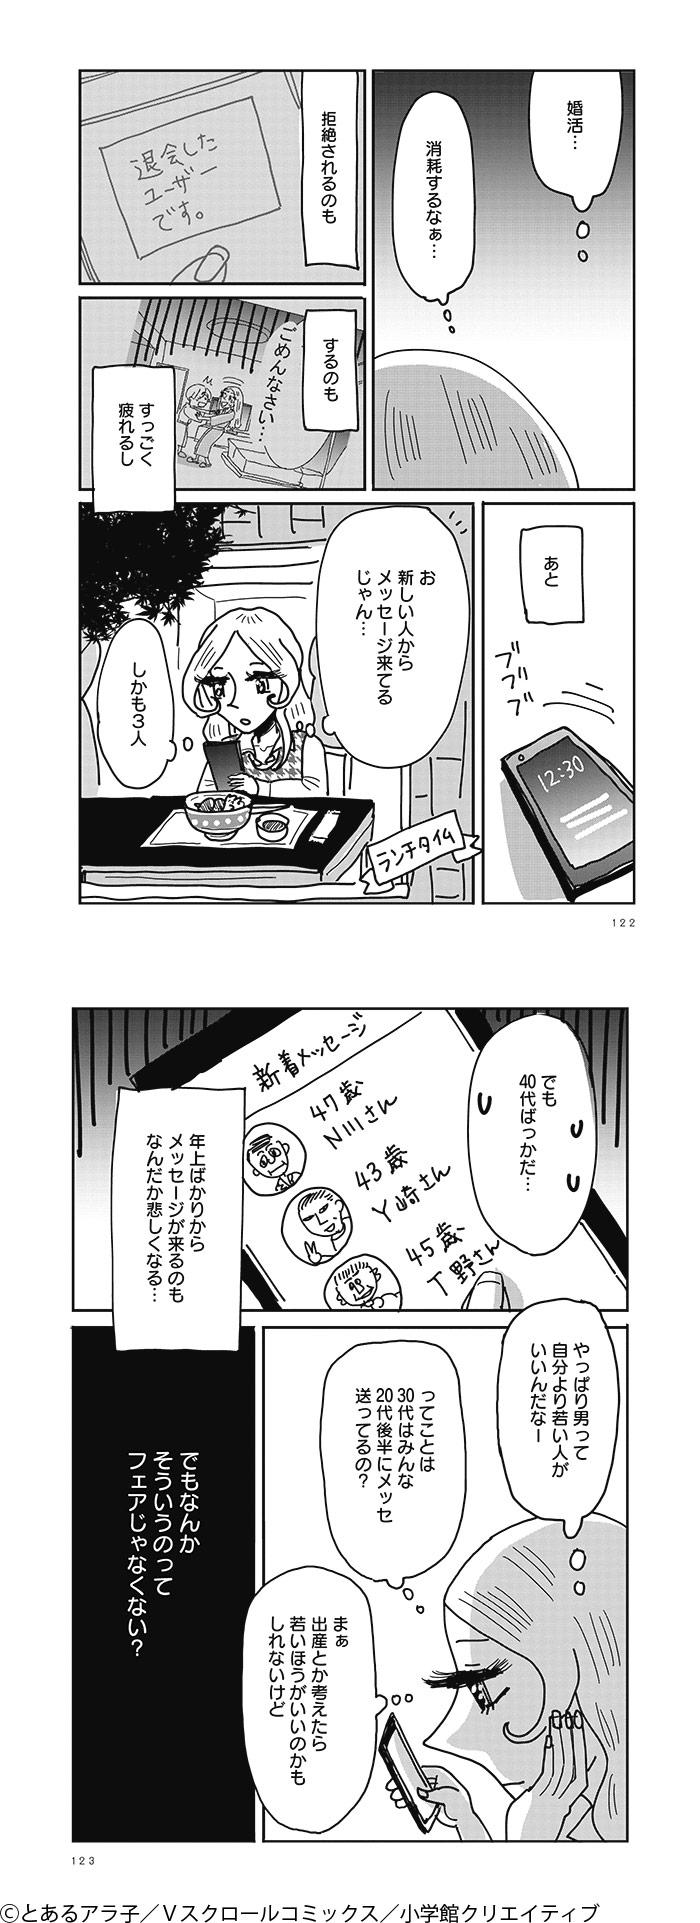 美人婚活漫画7